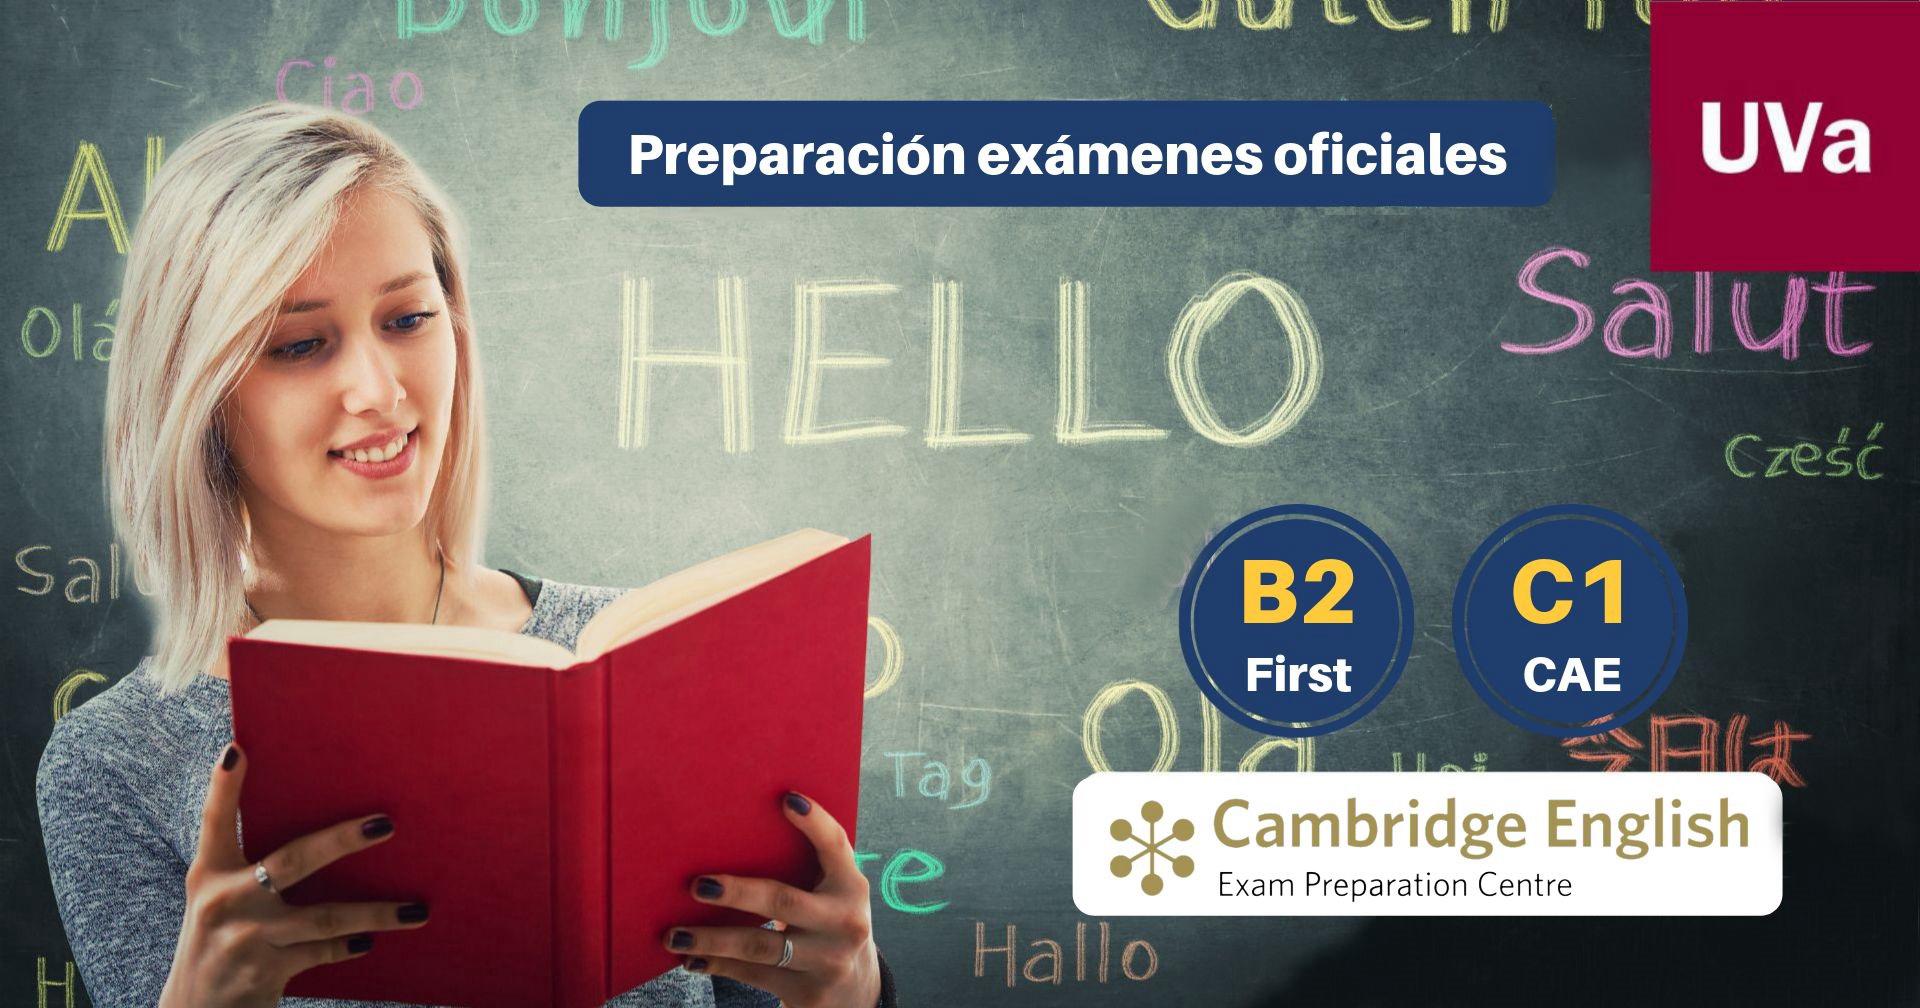 Curso de preparación examen First y CAE (Advanced) - Centro de Idiomas Universidad de Valladolid abril junio 2019